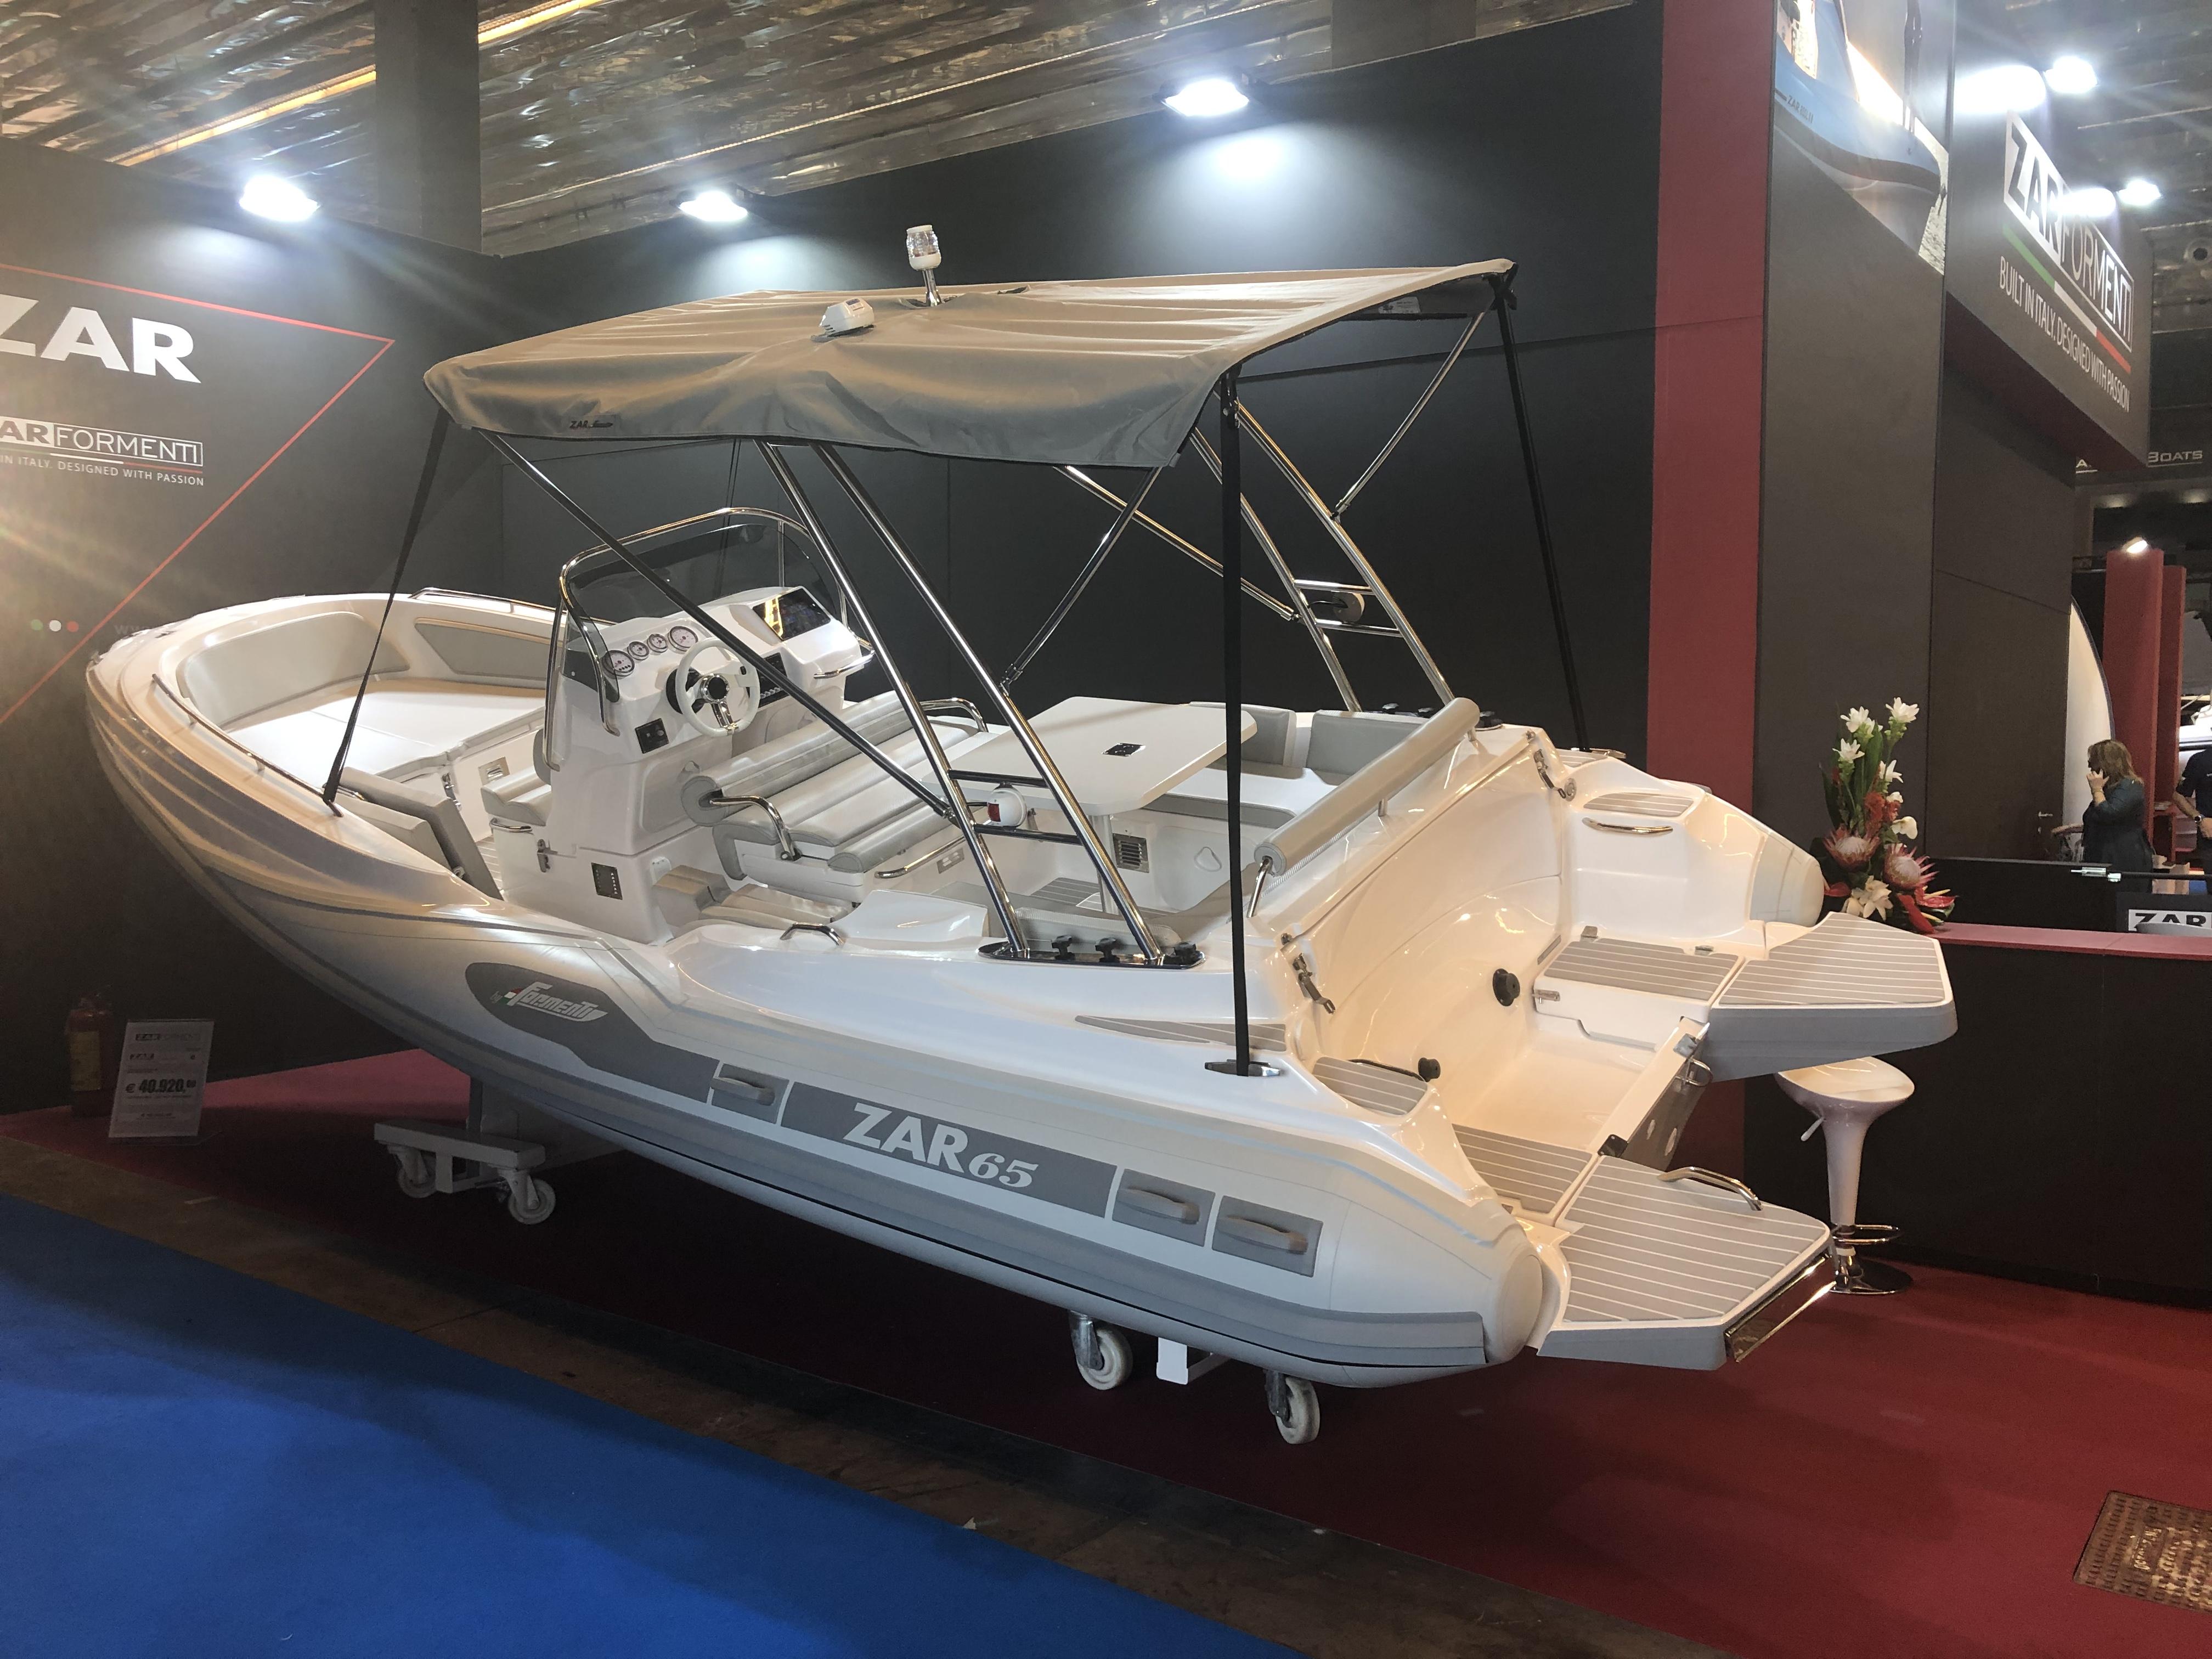 ZAR 65 Suite Ausstellungsboot